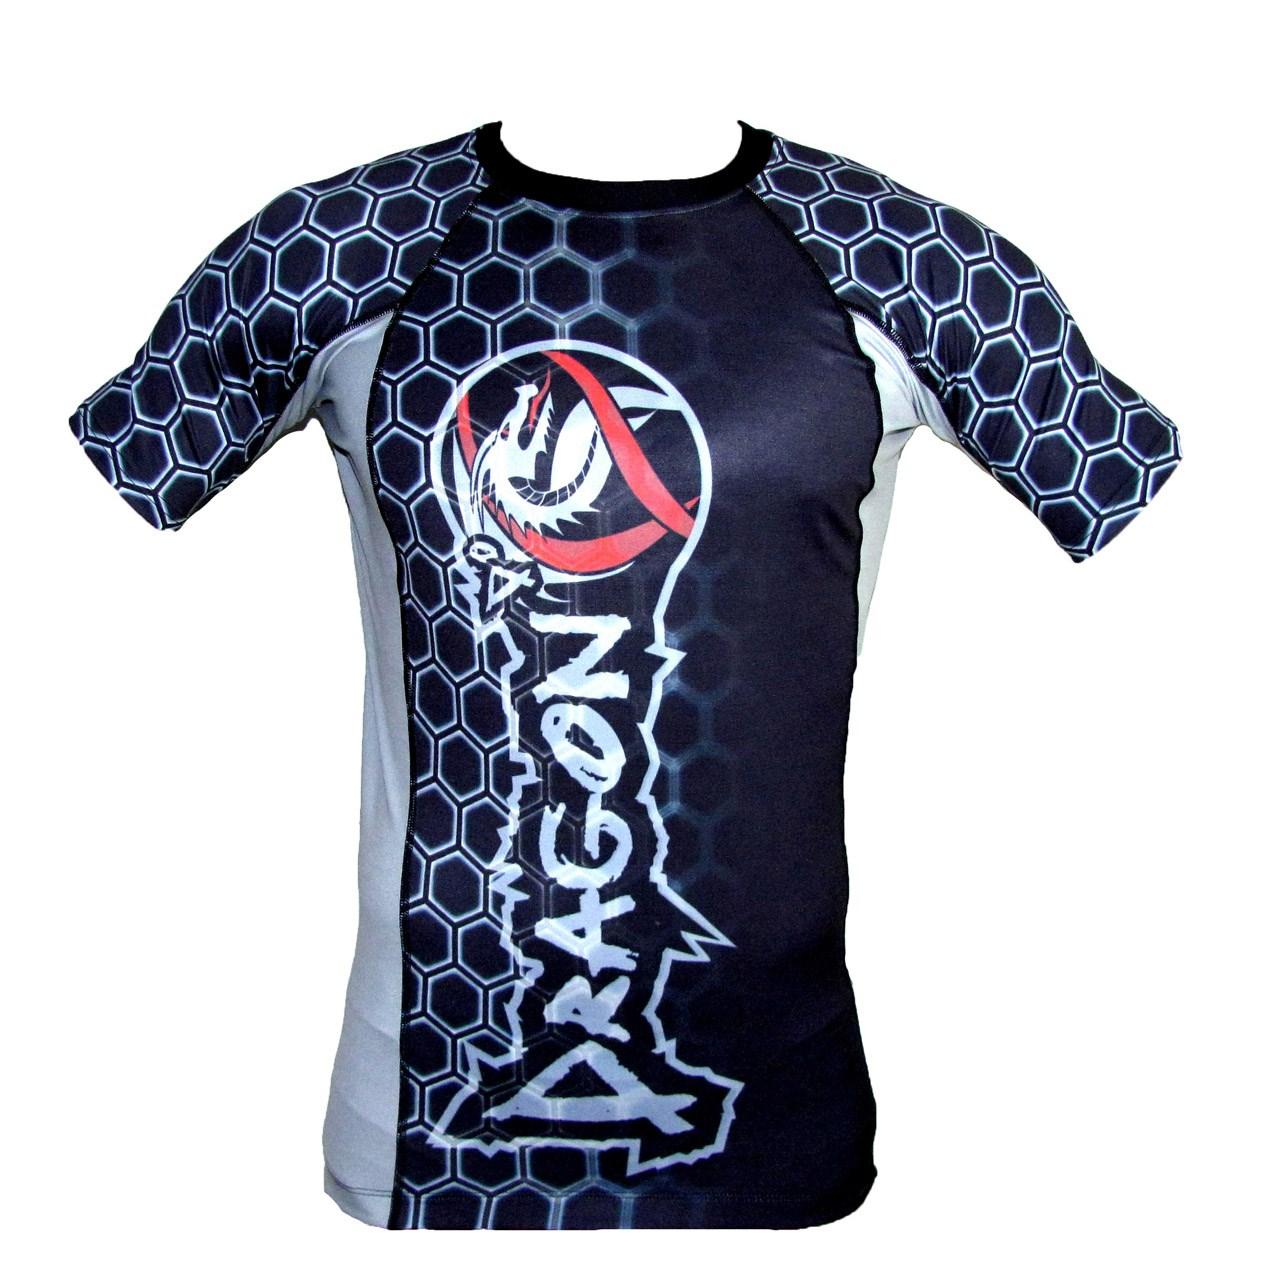 تی شرت آستین کوتاه ورزشی  مردانه دراگون دو مدل Rashguard Rg416